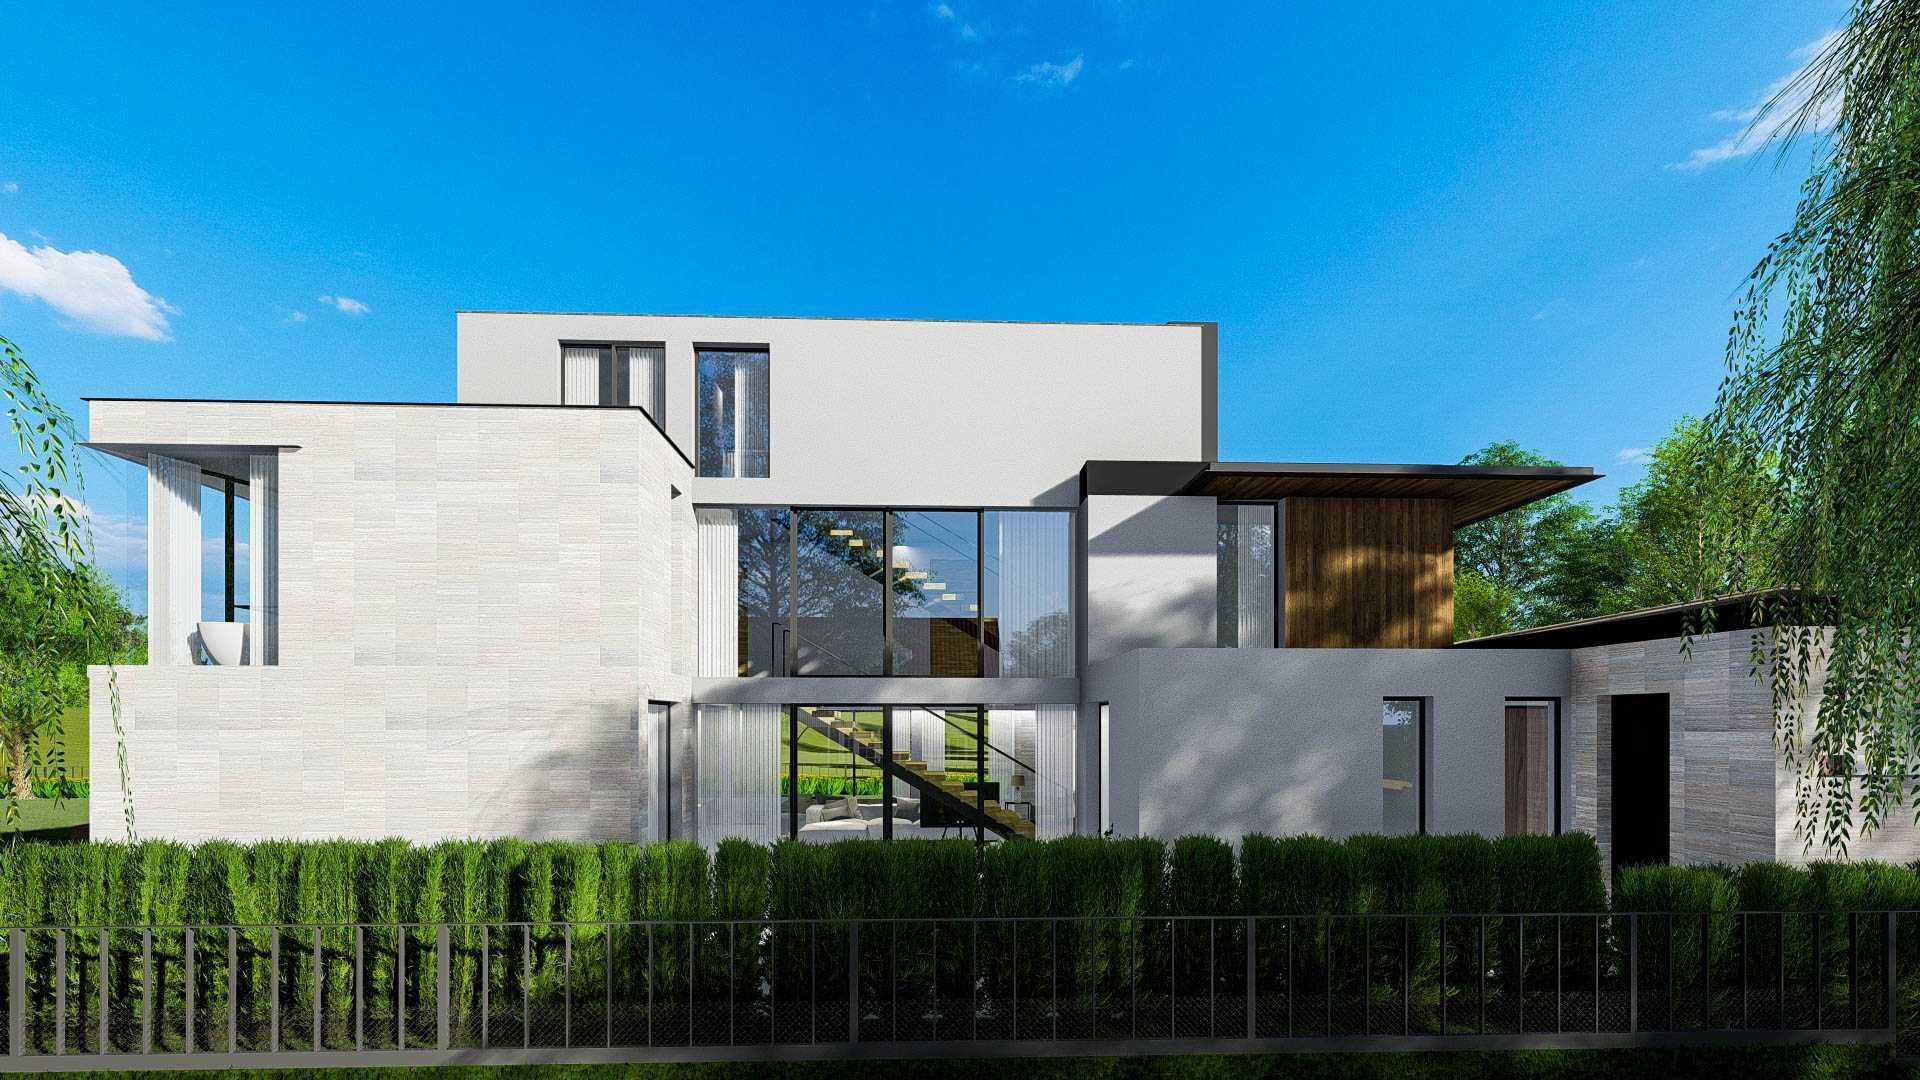 Bral Architect Alpen House In Germany 46519 Alpen, Jerman 46519 Alpen, Jerman Bral-Architect-Alpen-House-In-Germany  99885